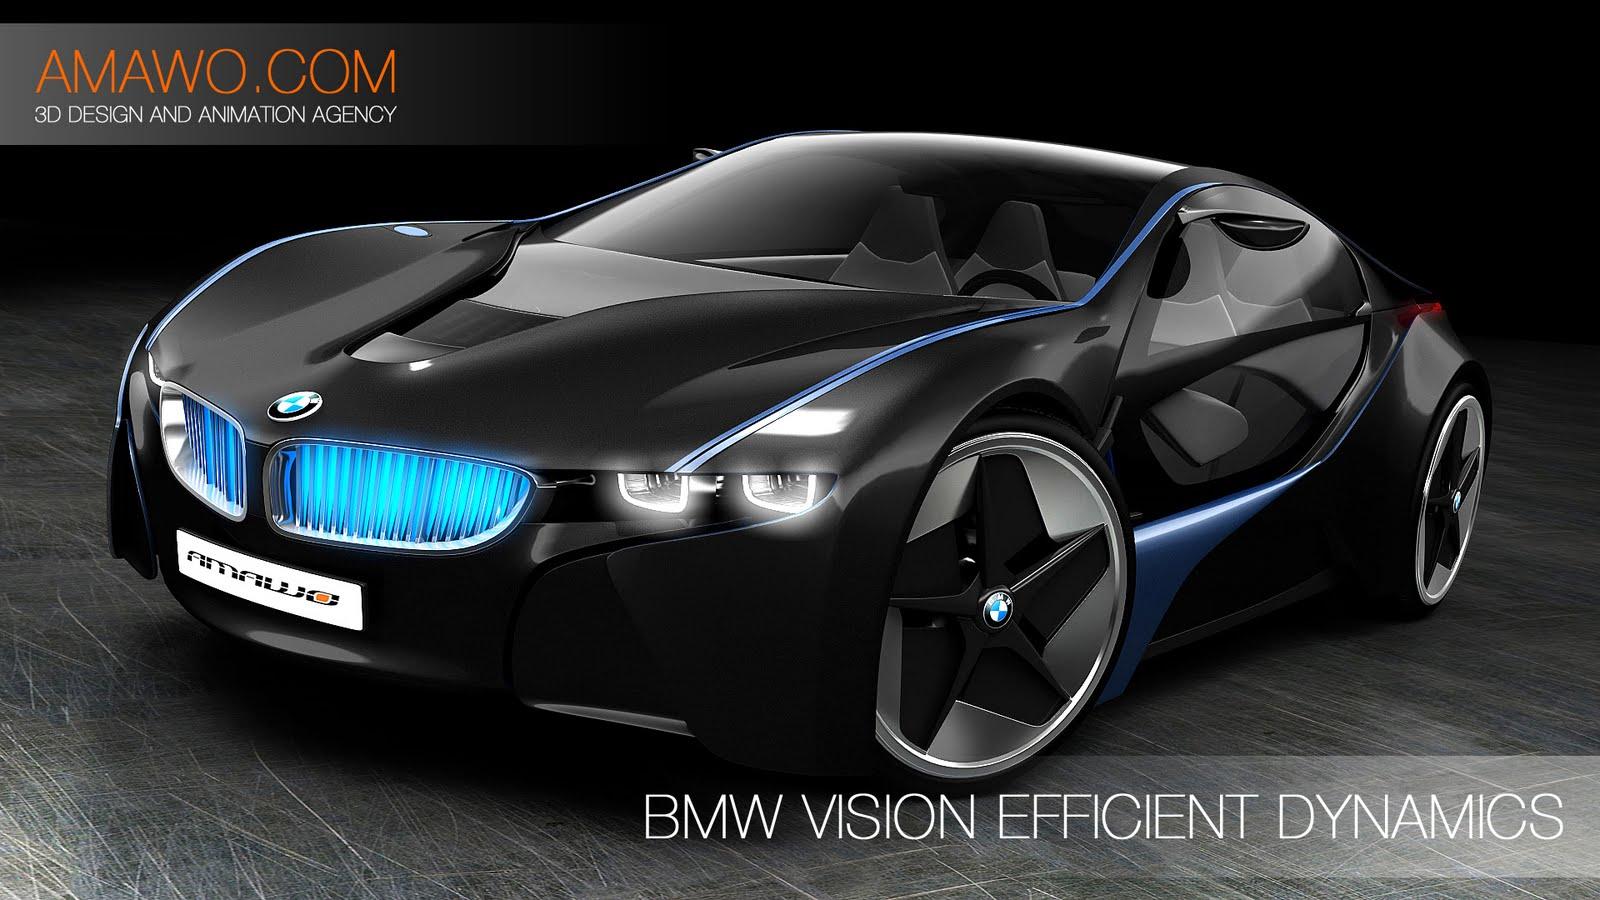 http://4.bp.blogspot.com/-rcDlNlcsqYY/TbrYPmw7ogI/AAAAAAAAAAo/9cjTUJlZB9Q/s1600/bmw_concept_black_front_1080p.jpg